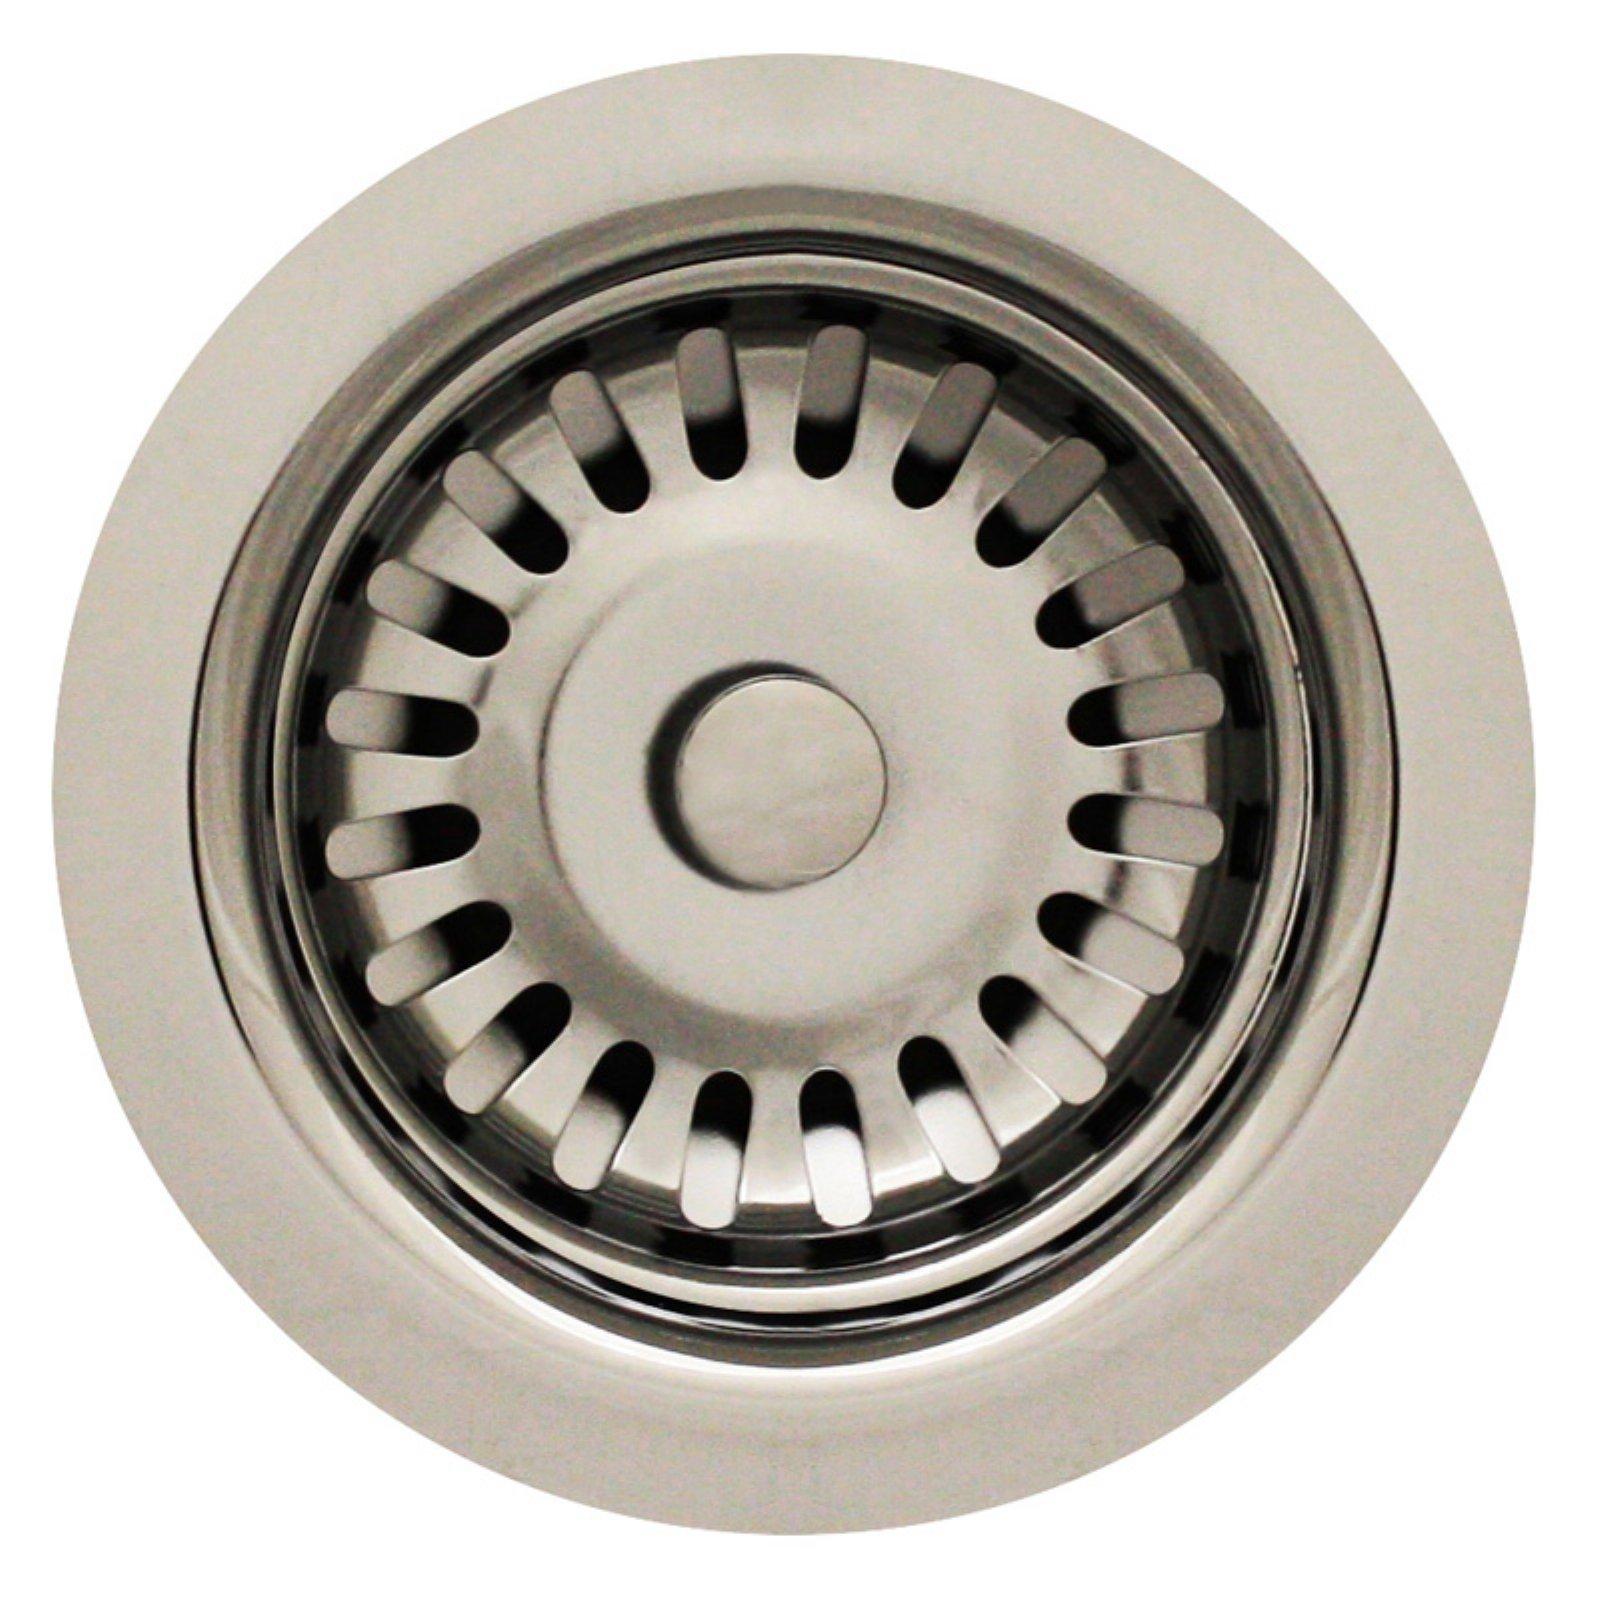 Whitehaus Rnw35 Ab 3 1 2 In Basket Strainer Sink Drain Kitchen